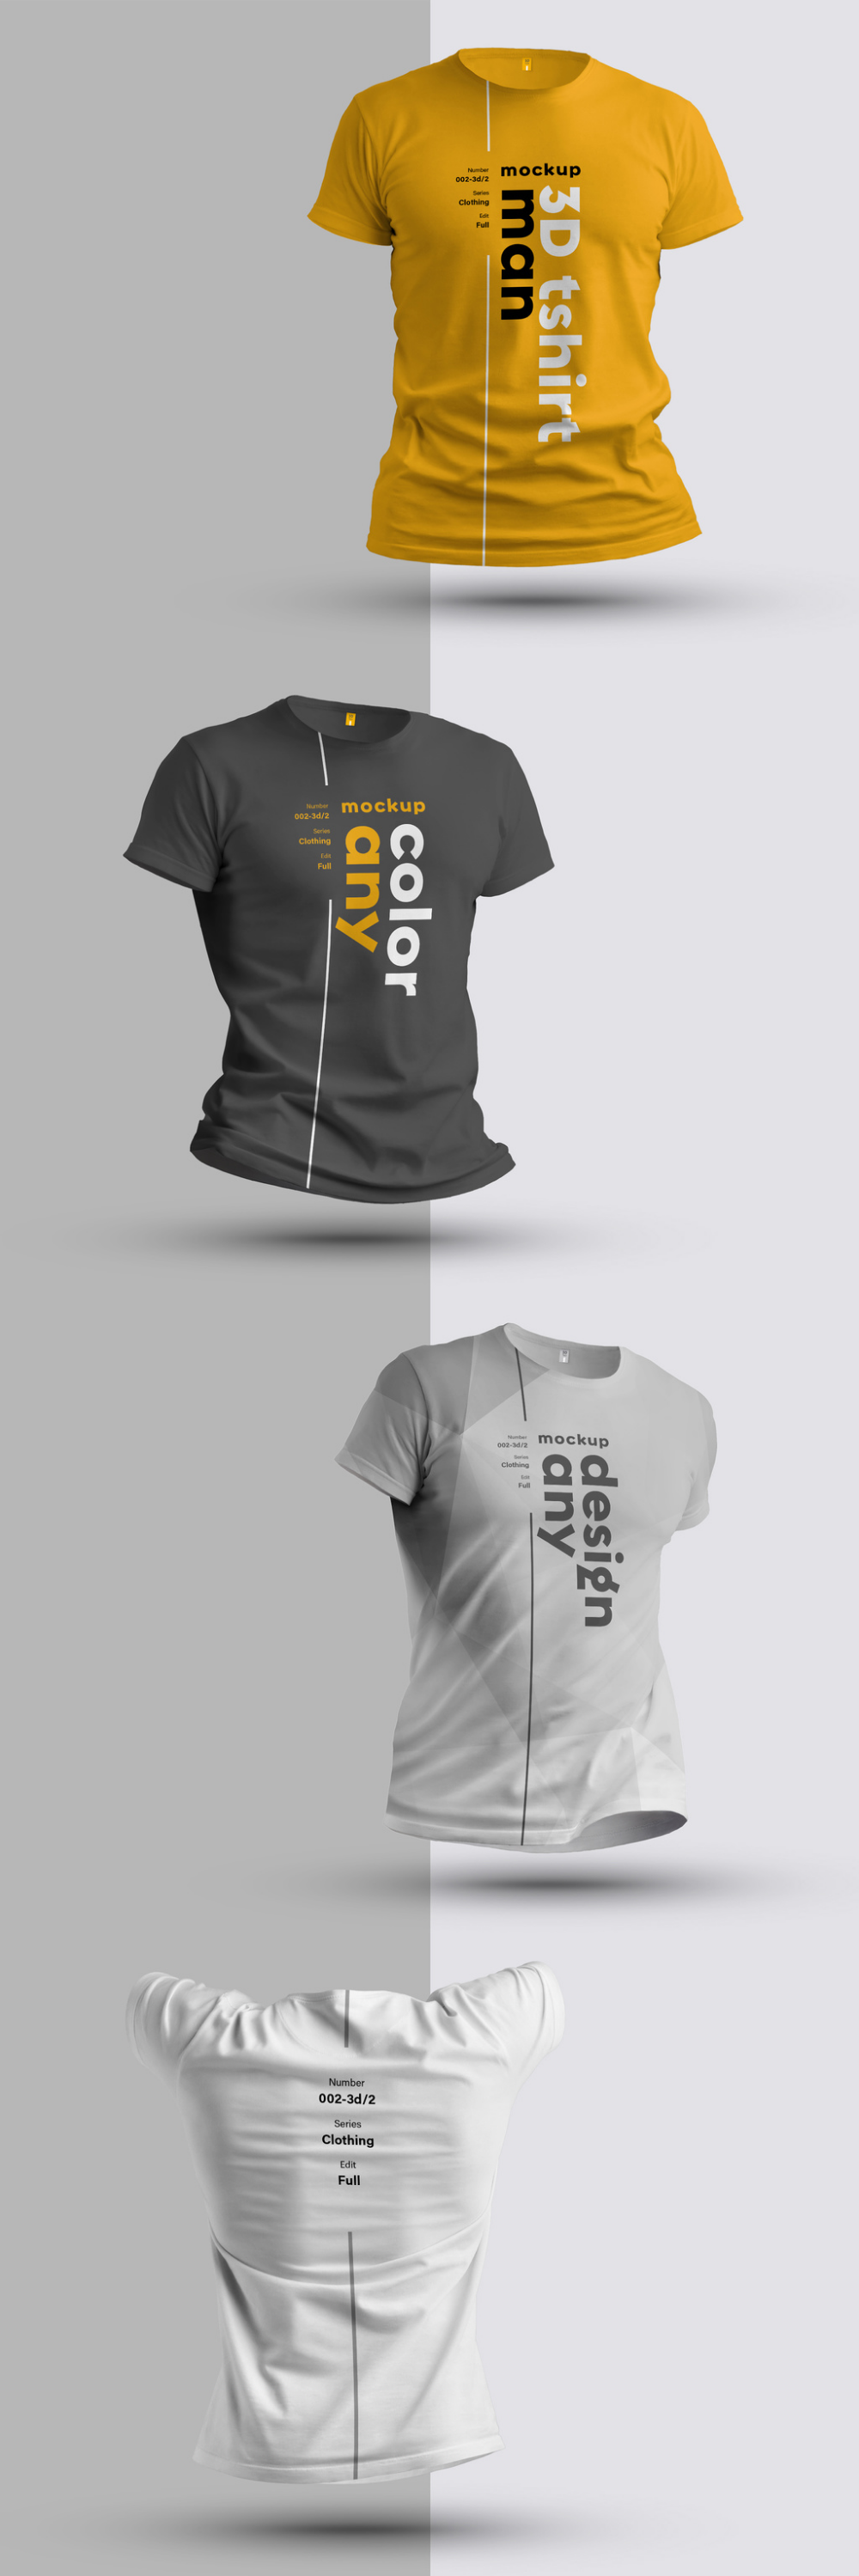 Download 4 3d T Shirt Mockups Pridbajte Cej Stokovij Shablon I Znajdit Bilshe Shozhih Shabloniv Na Adobe Stock Adobe Stock Kaos Model Pakaian Pakaian